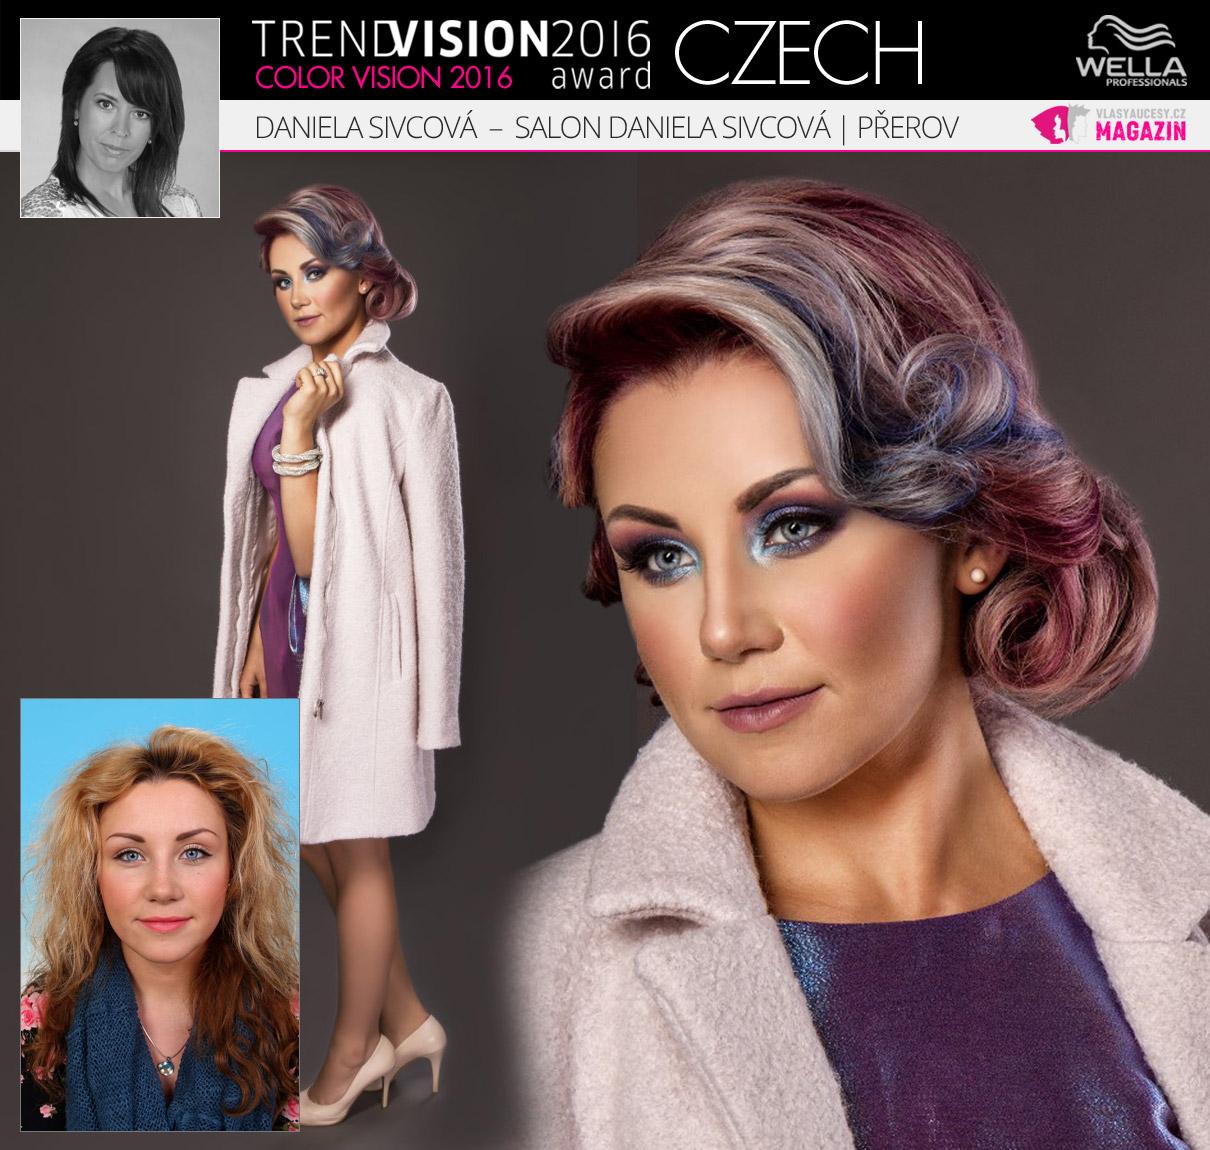 Daniela Sivcová, Salon Daniela Sivcová, Přerov –Wella Professionals Trend Vision Award Česká republika, kategorie Color Vision 2016.